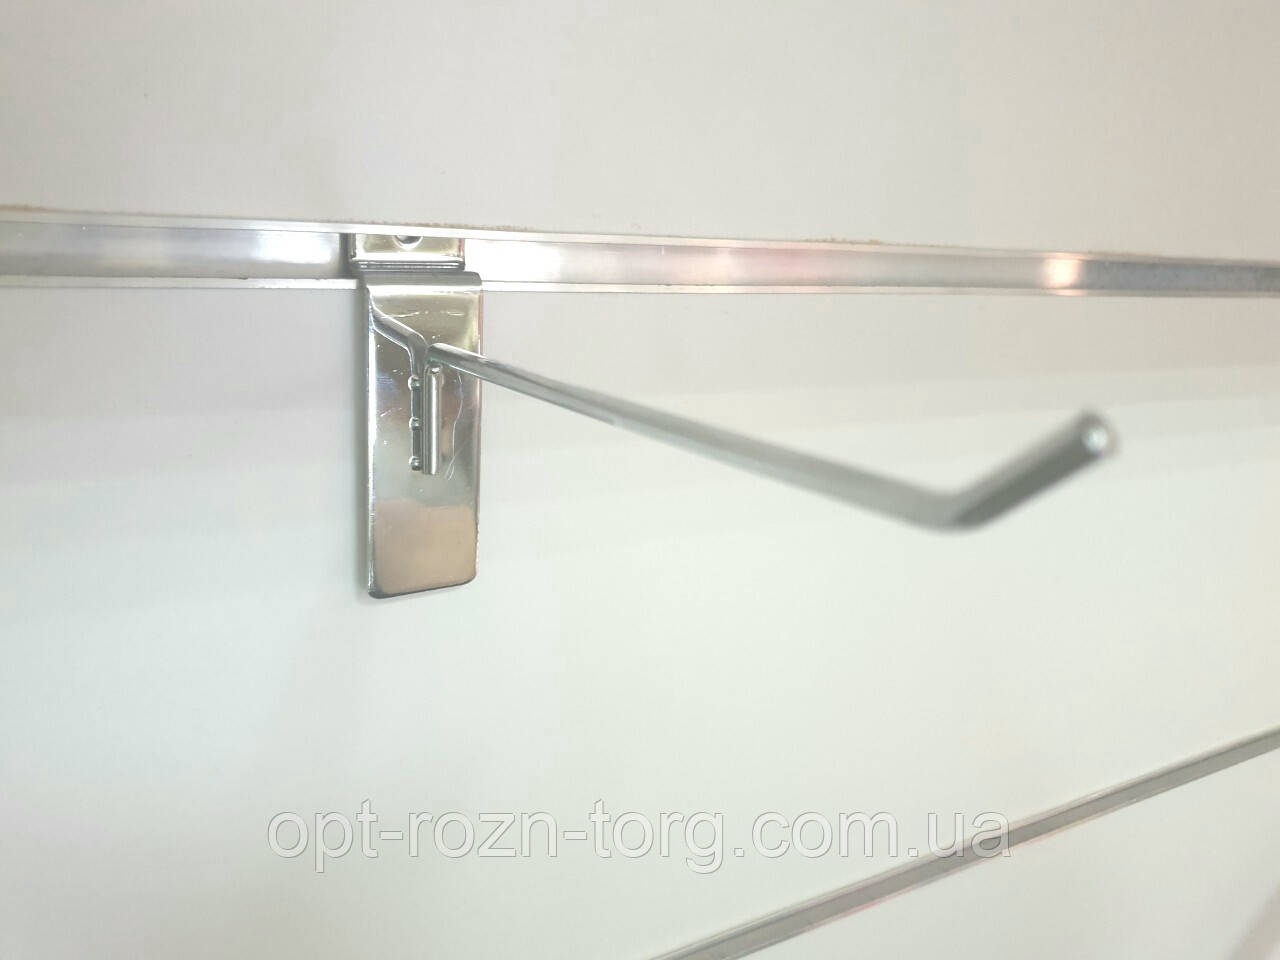 Крючок хромированный в экономпанель 10 см. (4 мм)